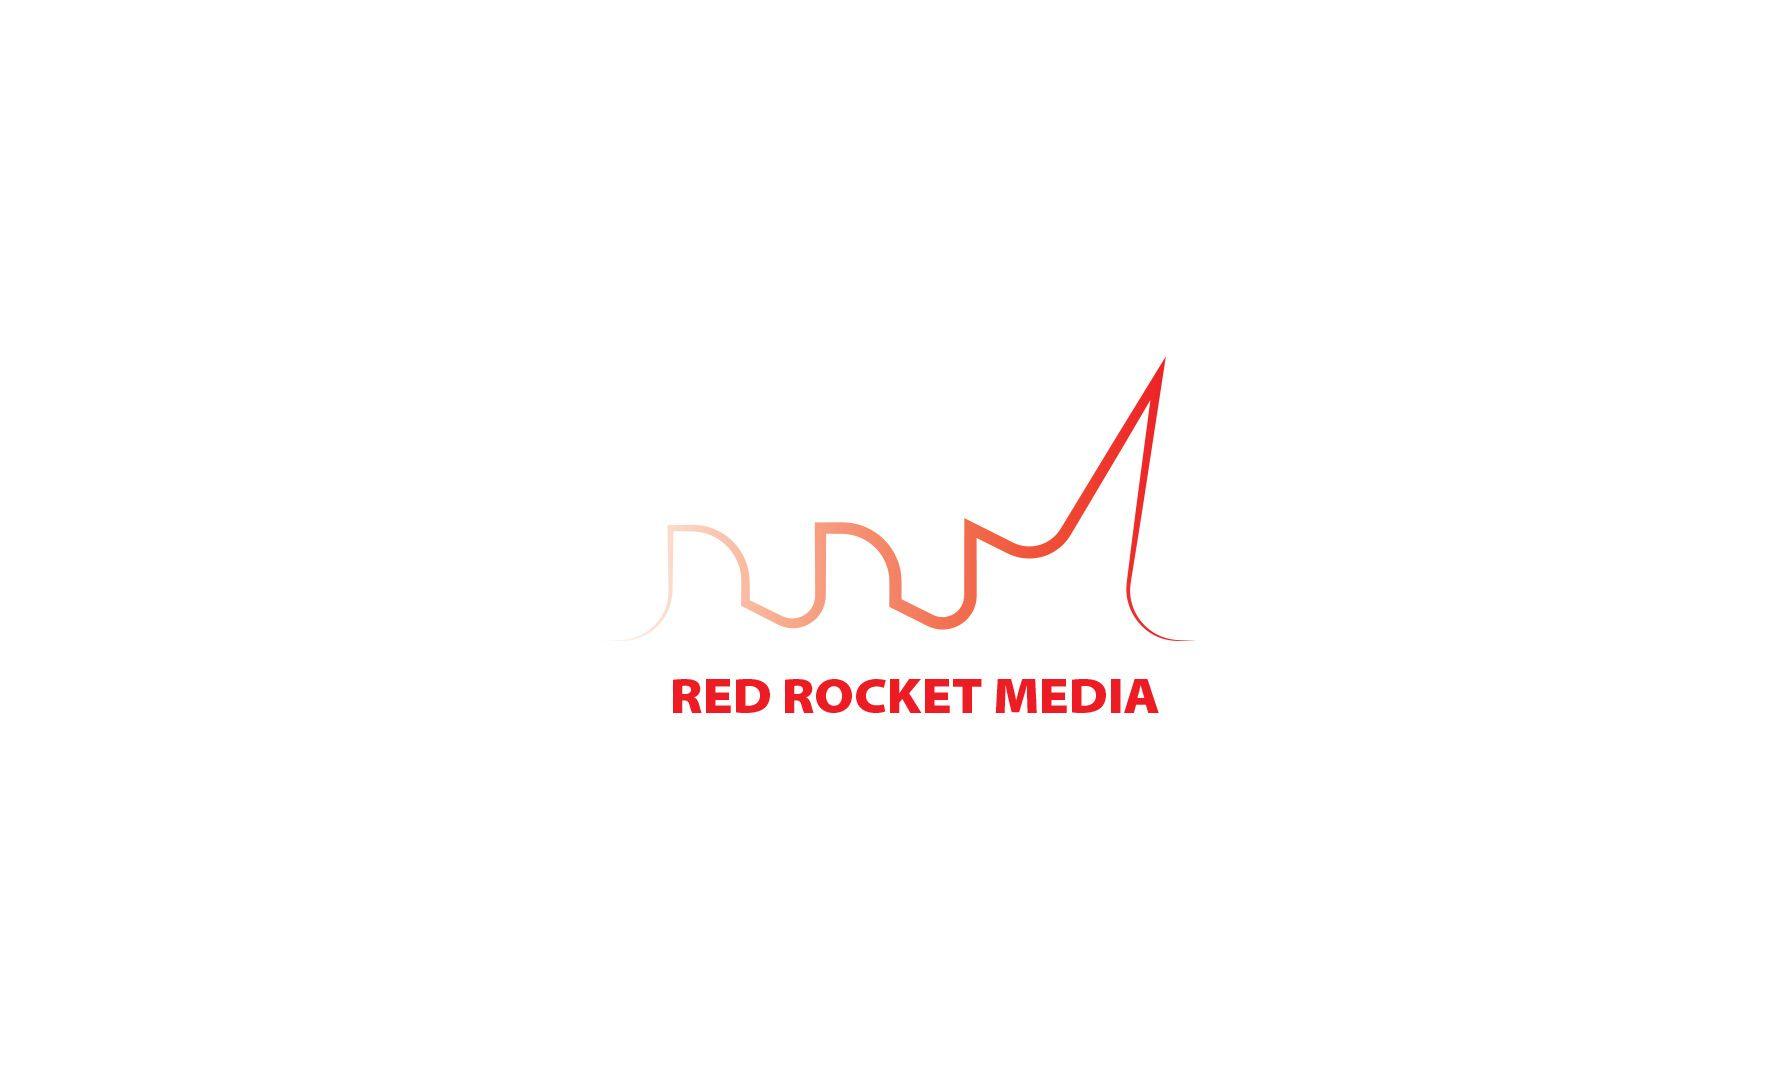 Лого и фирменный стиль для RedRocketMedia - дизайнер ChameleonStudio